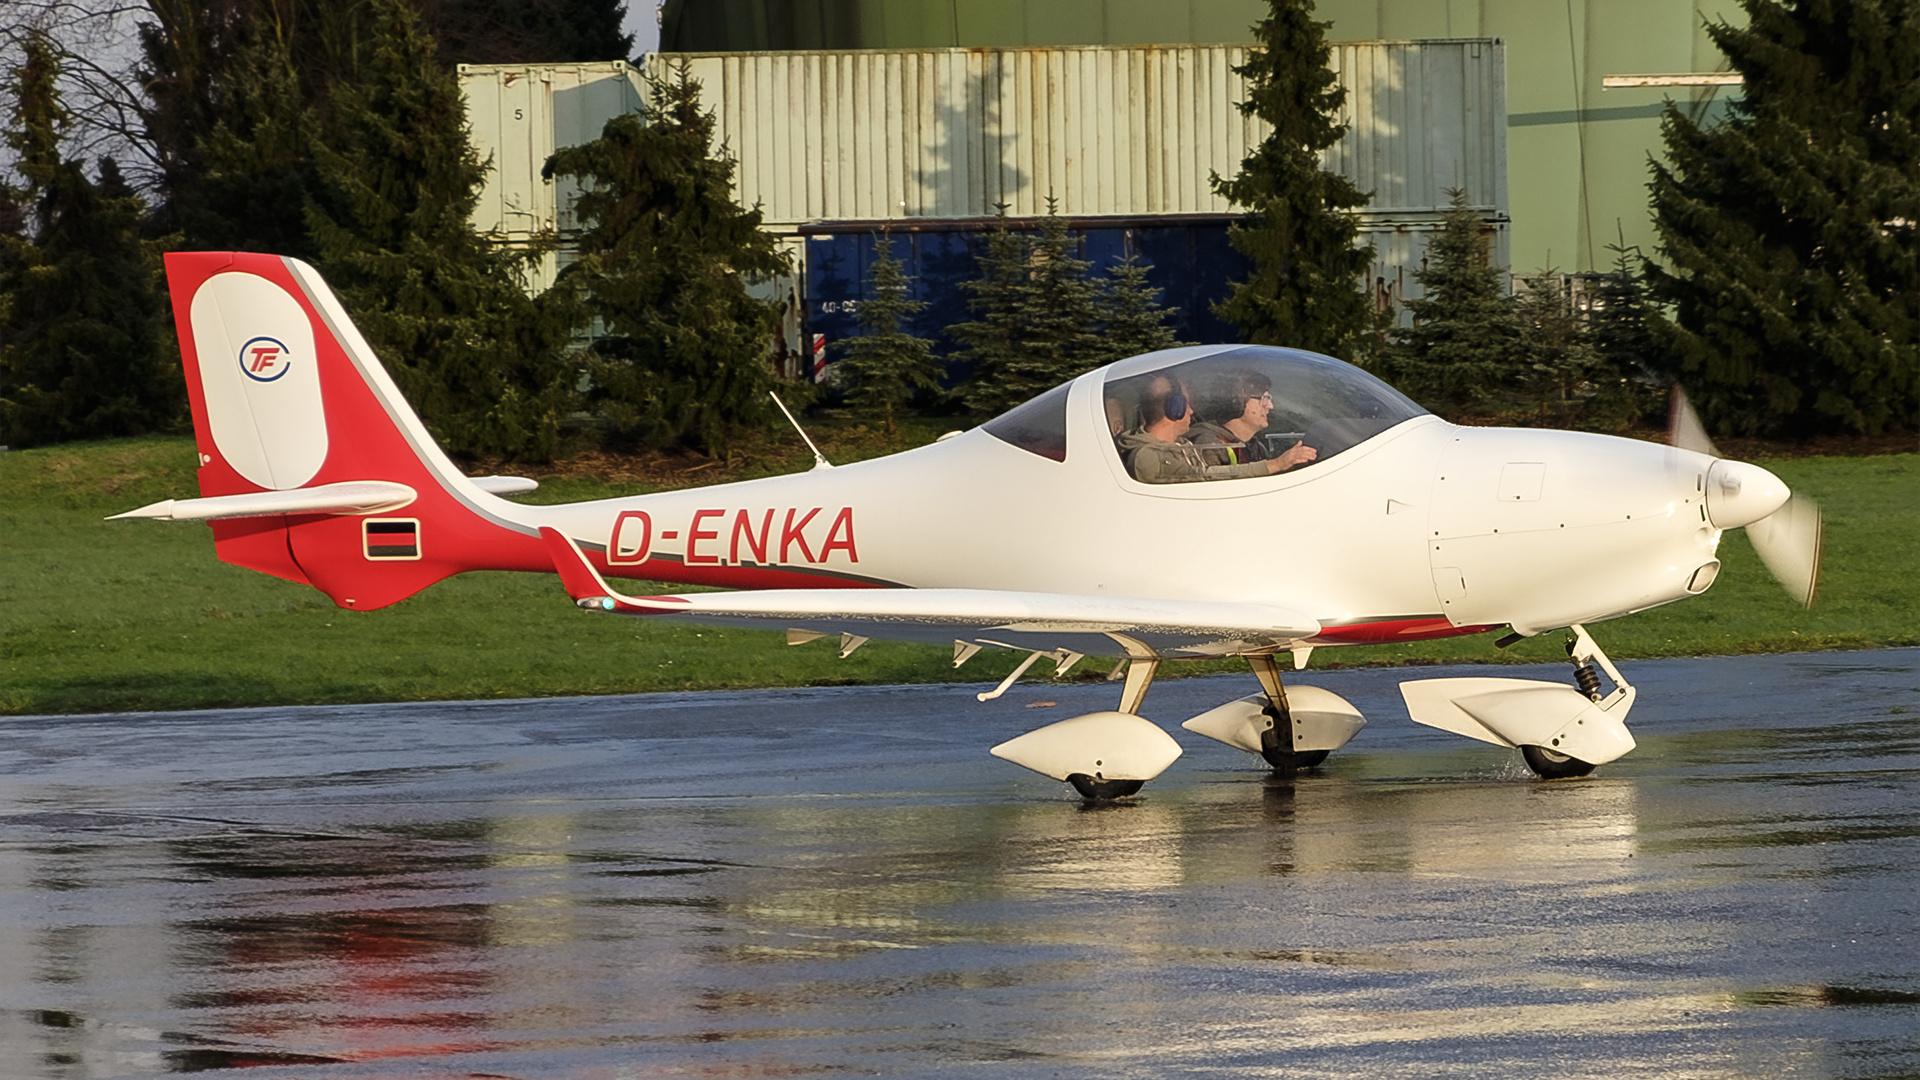 D-ENKA-1 A210 ESS 201801